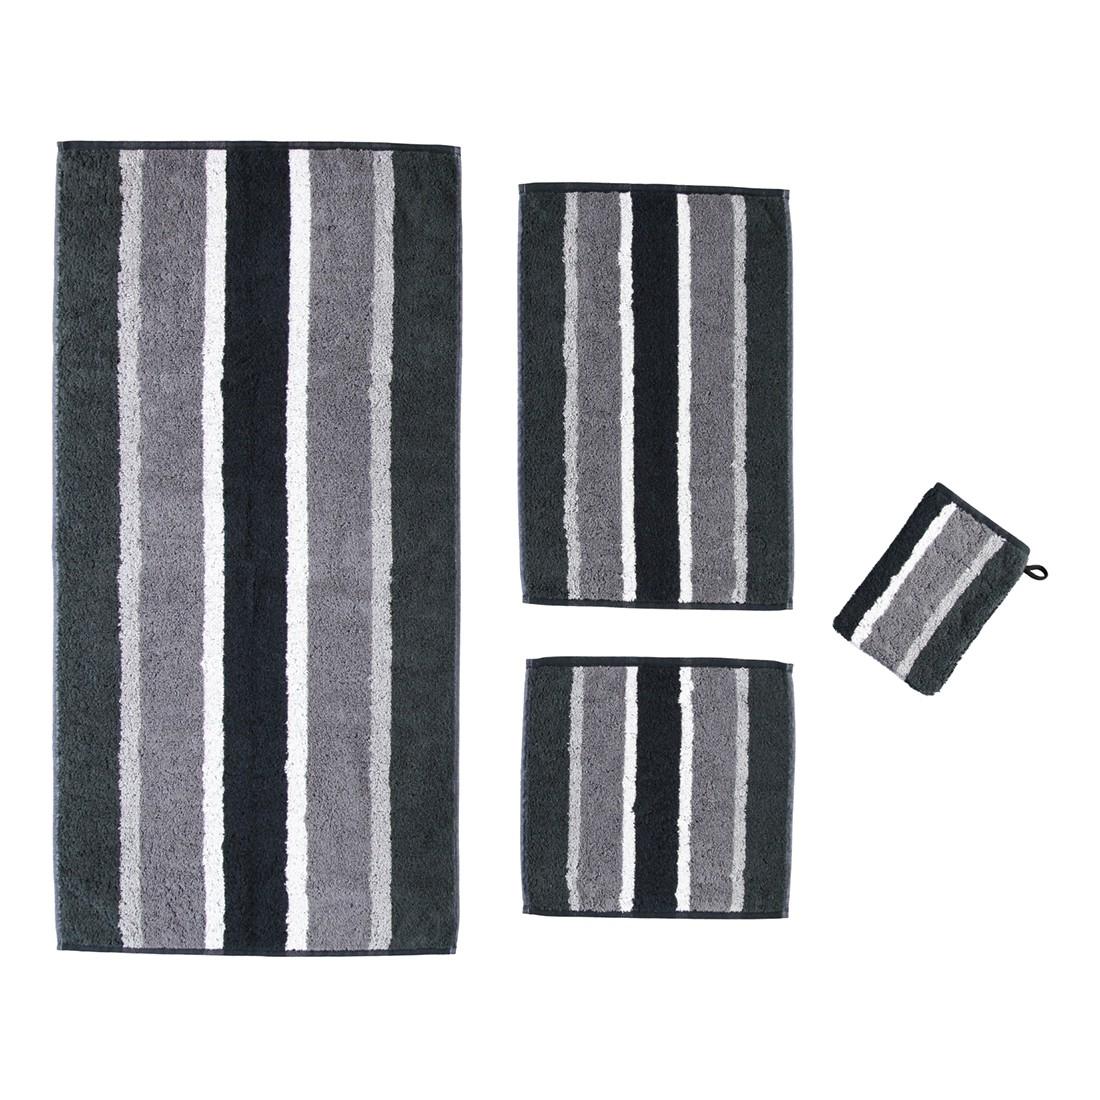 Handtuch Karat – 100% Baumwolle diamant-Schwarz – 77 – Handtuch: 50 x 100 cm, Cawö günstig bestellen